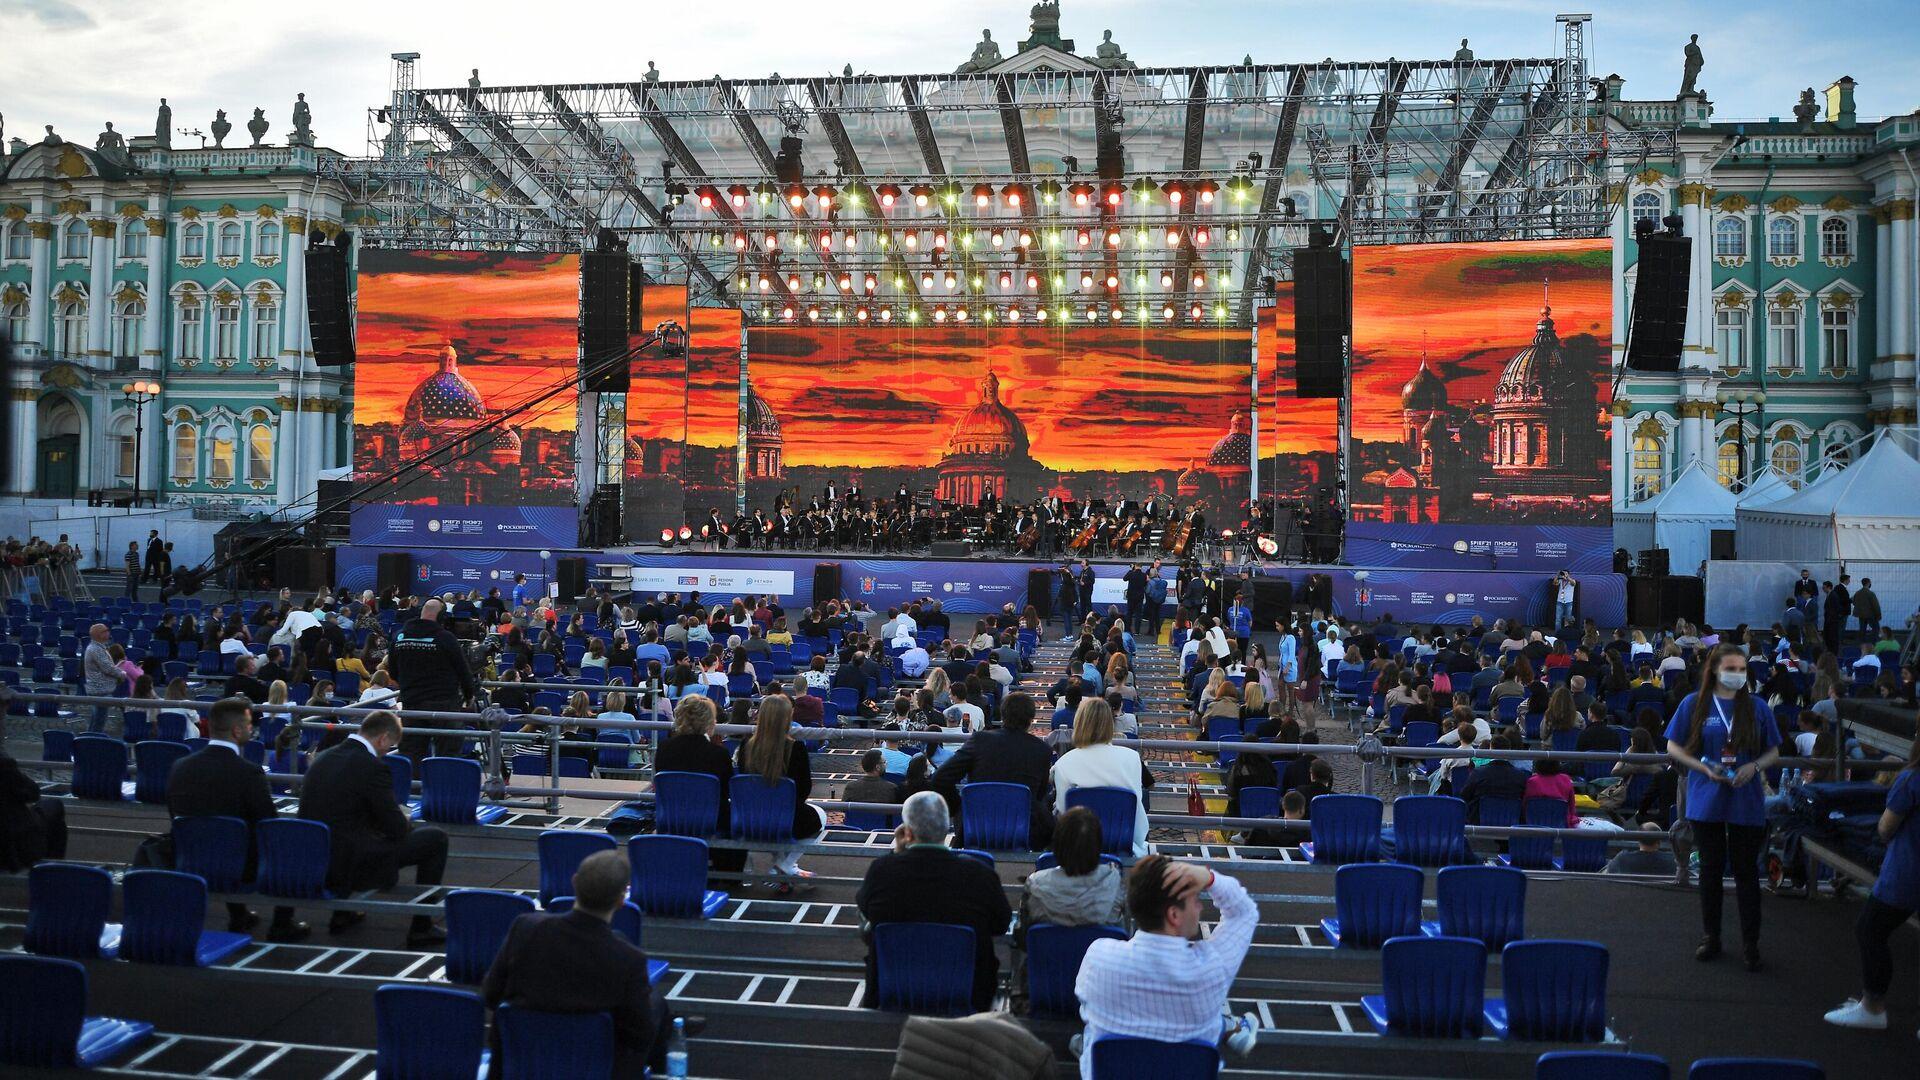 SPIEF 2021: l'orchestra sinfonica del teatro Petruzzelli di Bari si esibisce nel concerto dedicato a medici e volontari di fronte al museo Hermitage di San Pietroburgo - Sputnik Italia, 1920, 03.06.2021